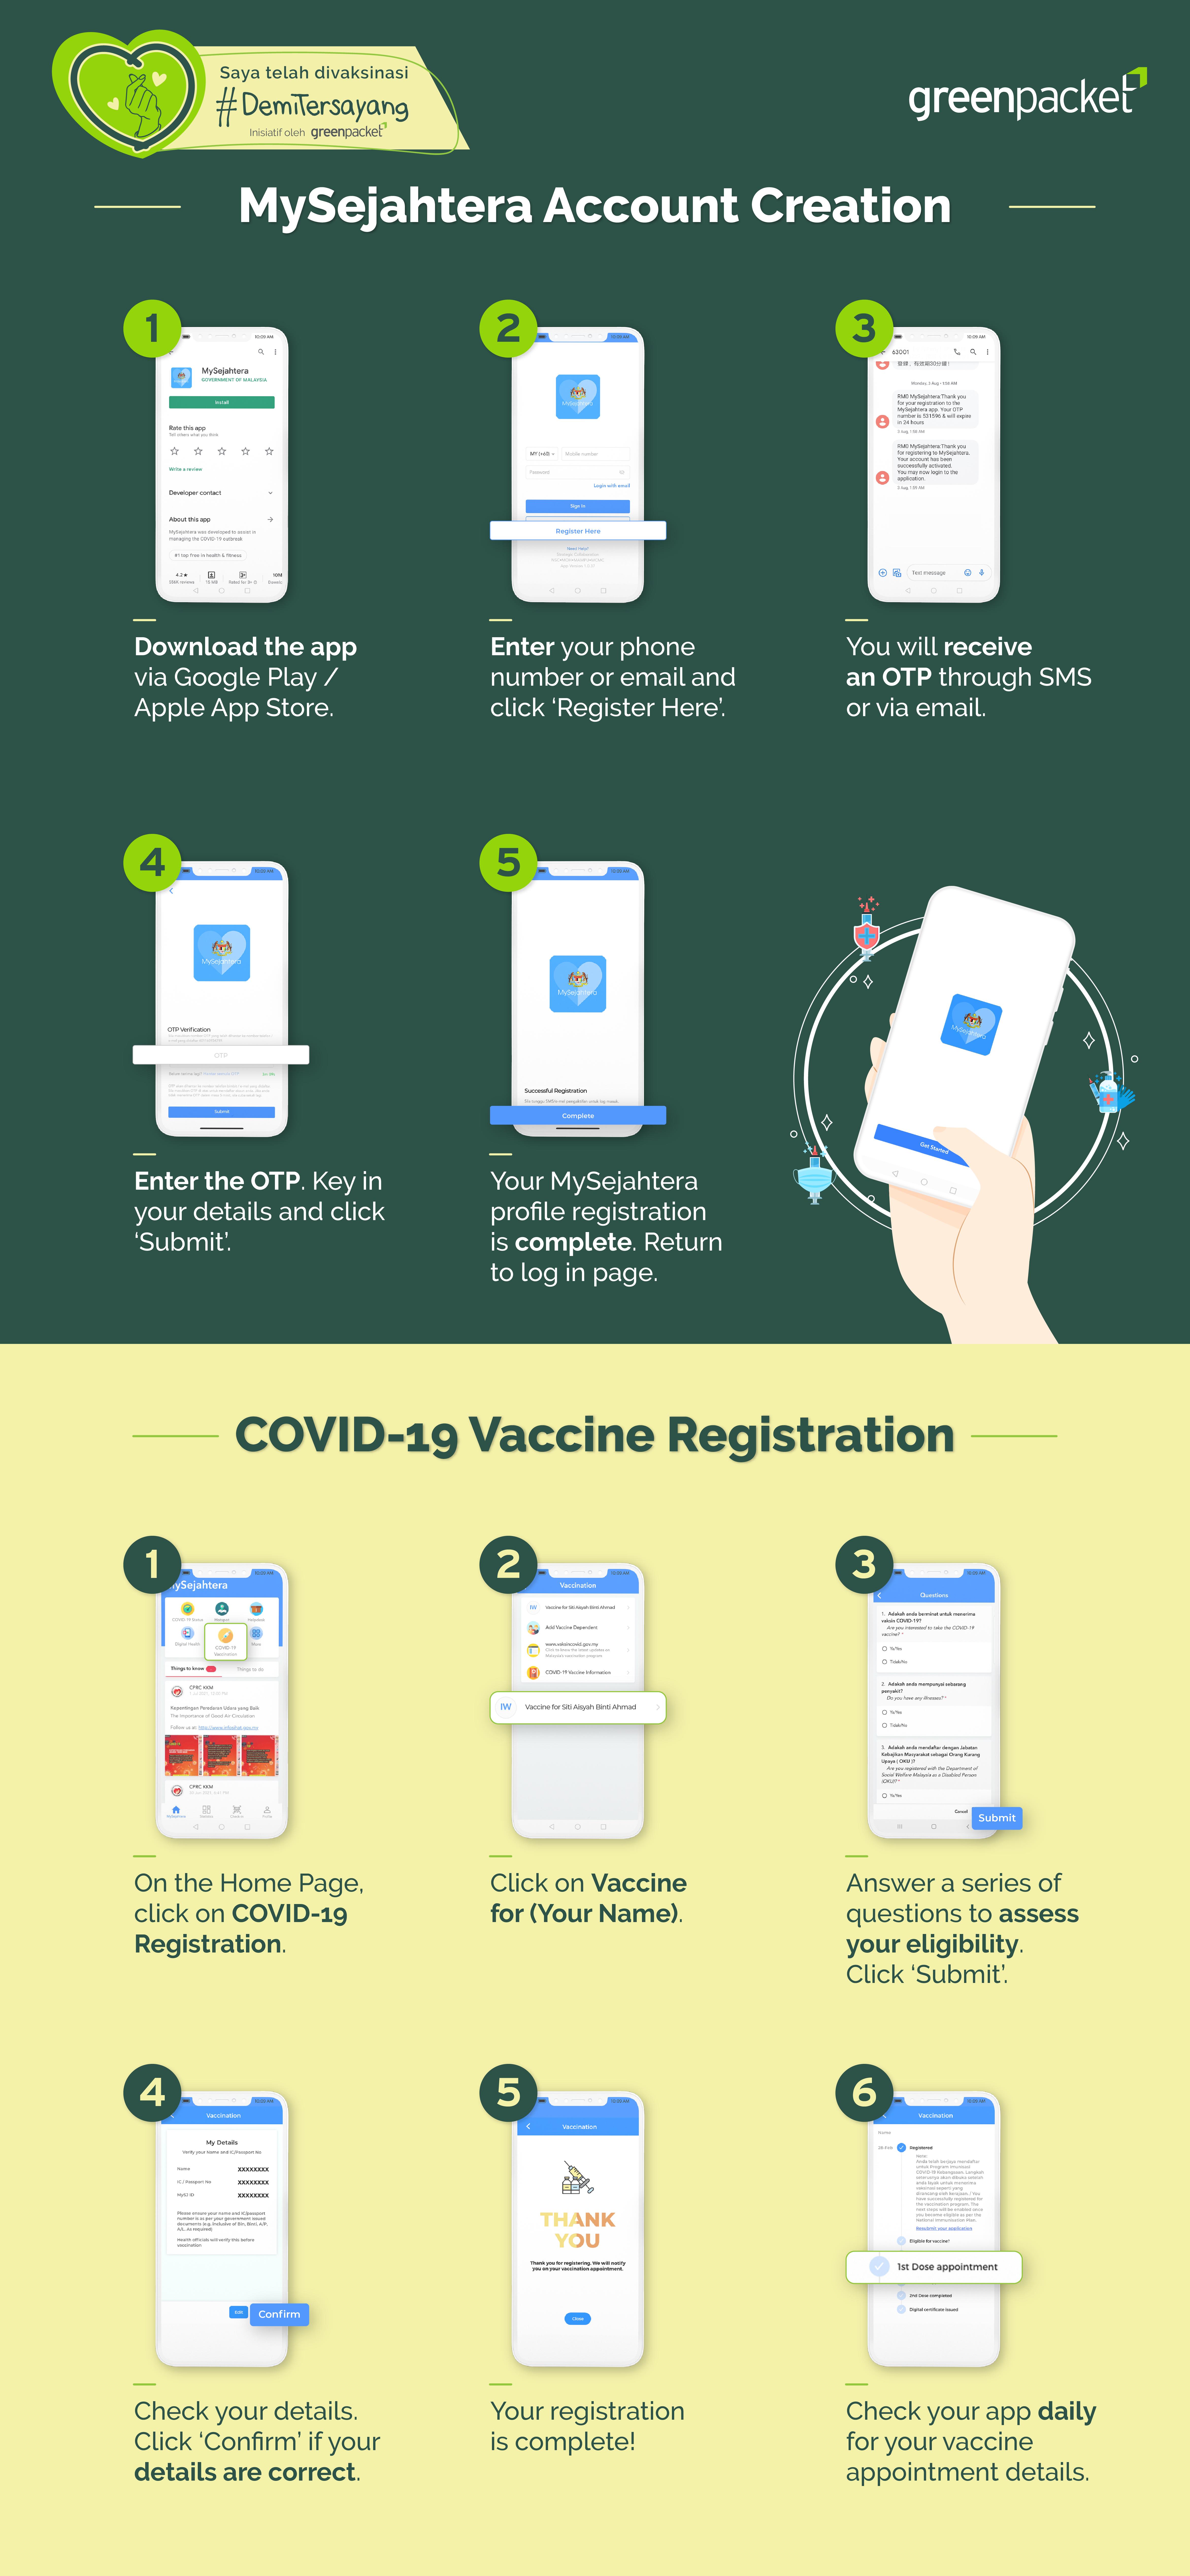 绿驰通讯制作登记接种疫苗的步骤信息图,以方便民众能顺利登记接种疫苗。-绿驰通讯提供-